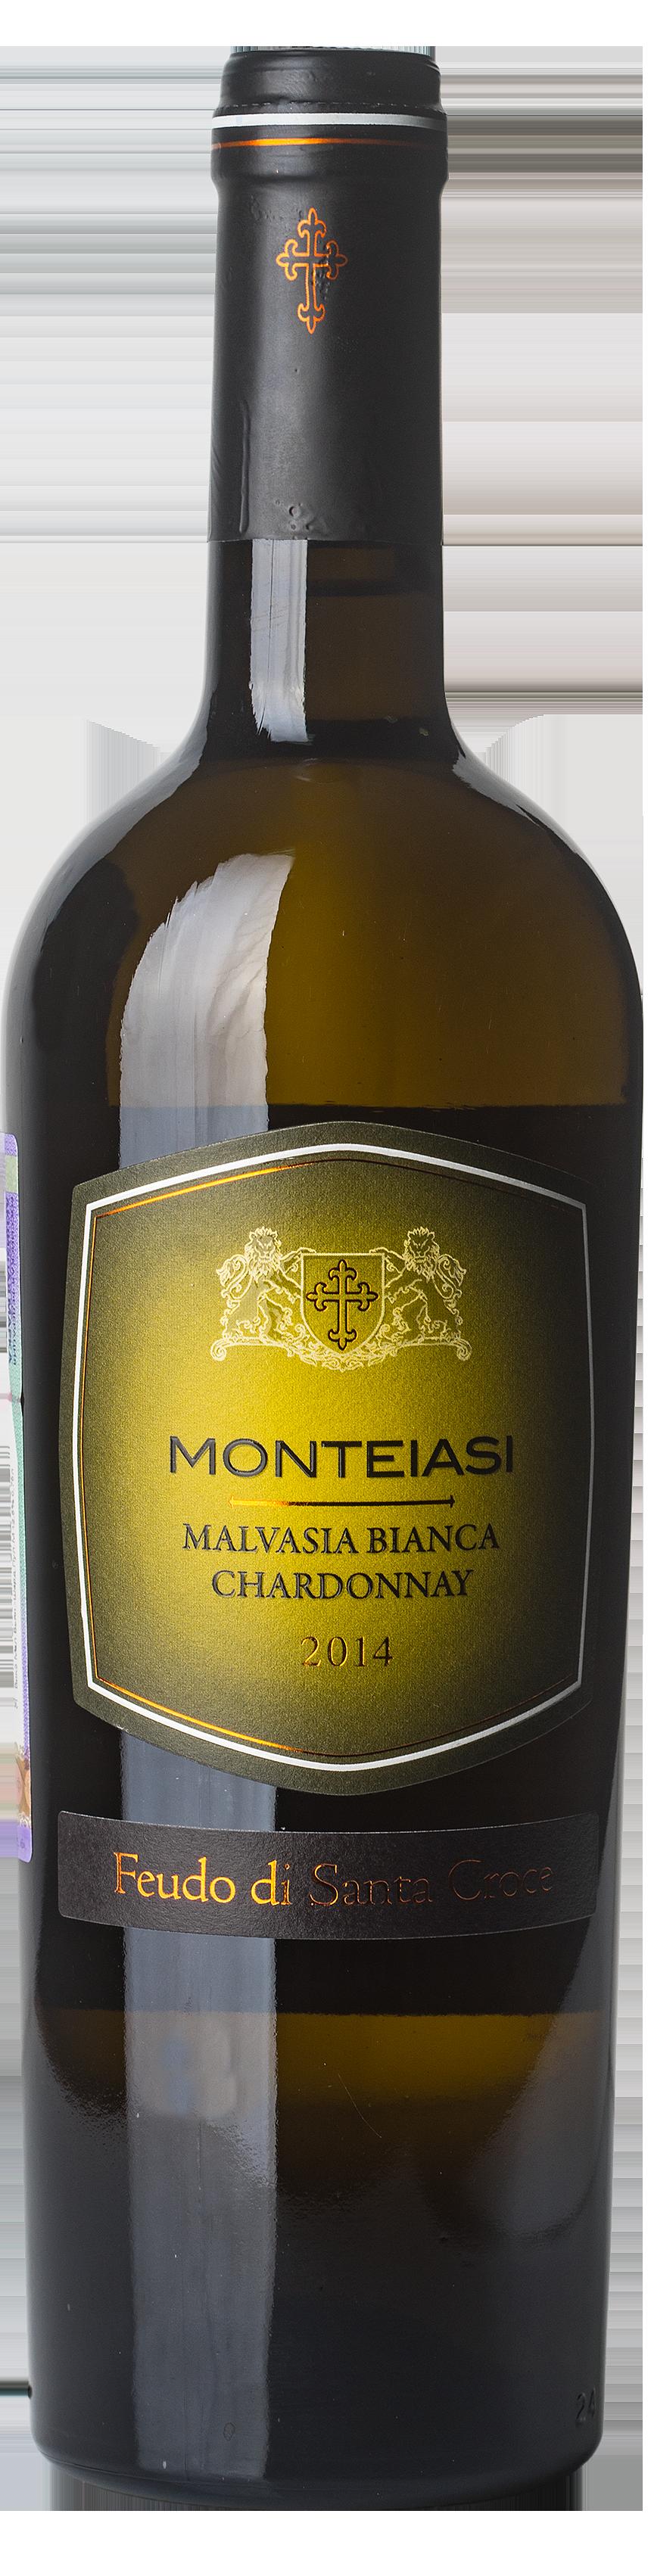 Вино мальвазия: описание, отзывы, история и отзывы